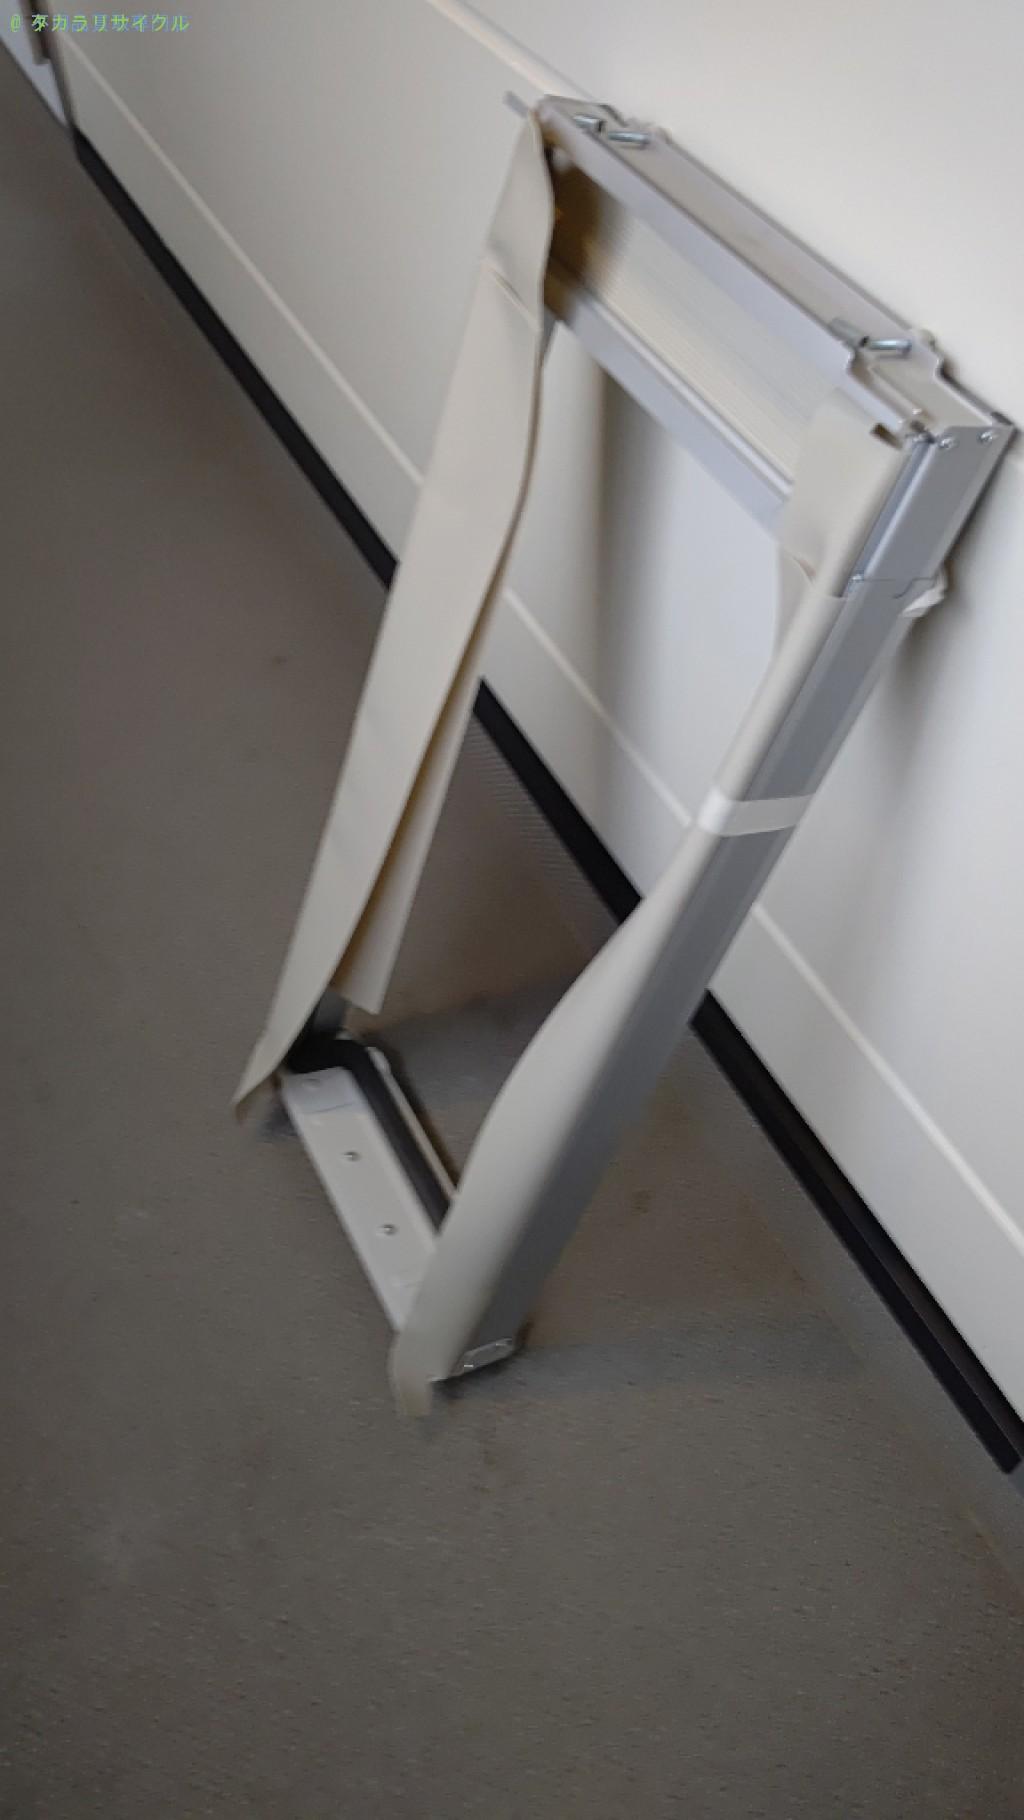 【滝川市花月町】窓用エアコンの処分・回収のご依頼者さま